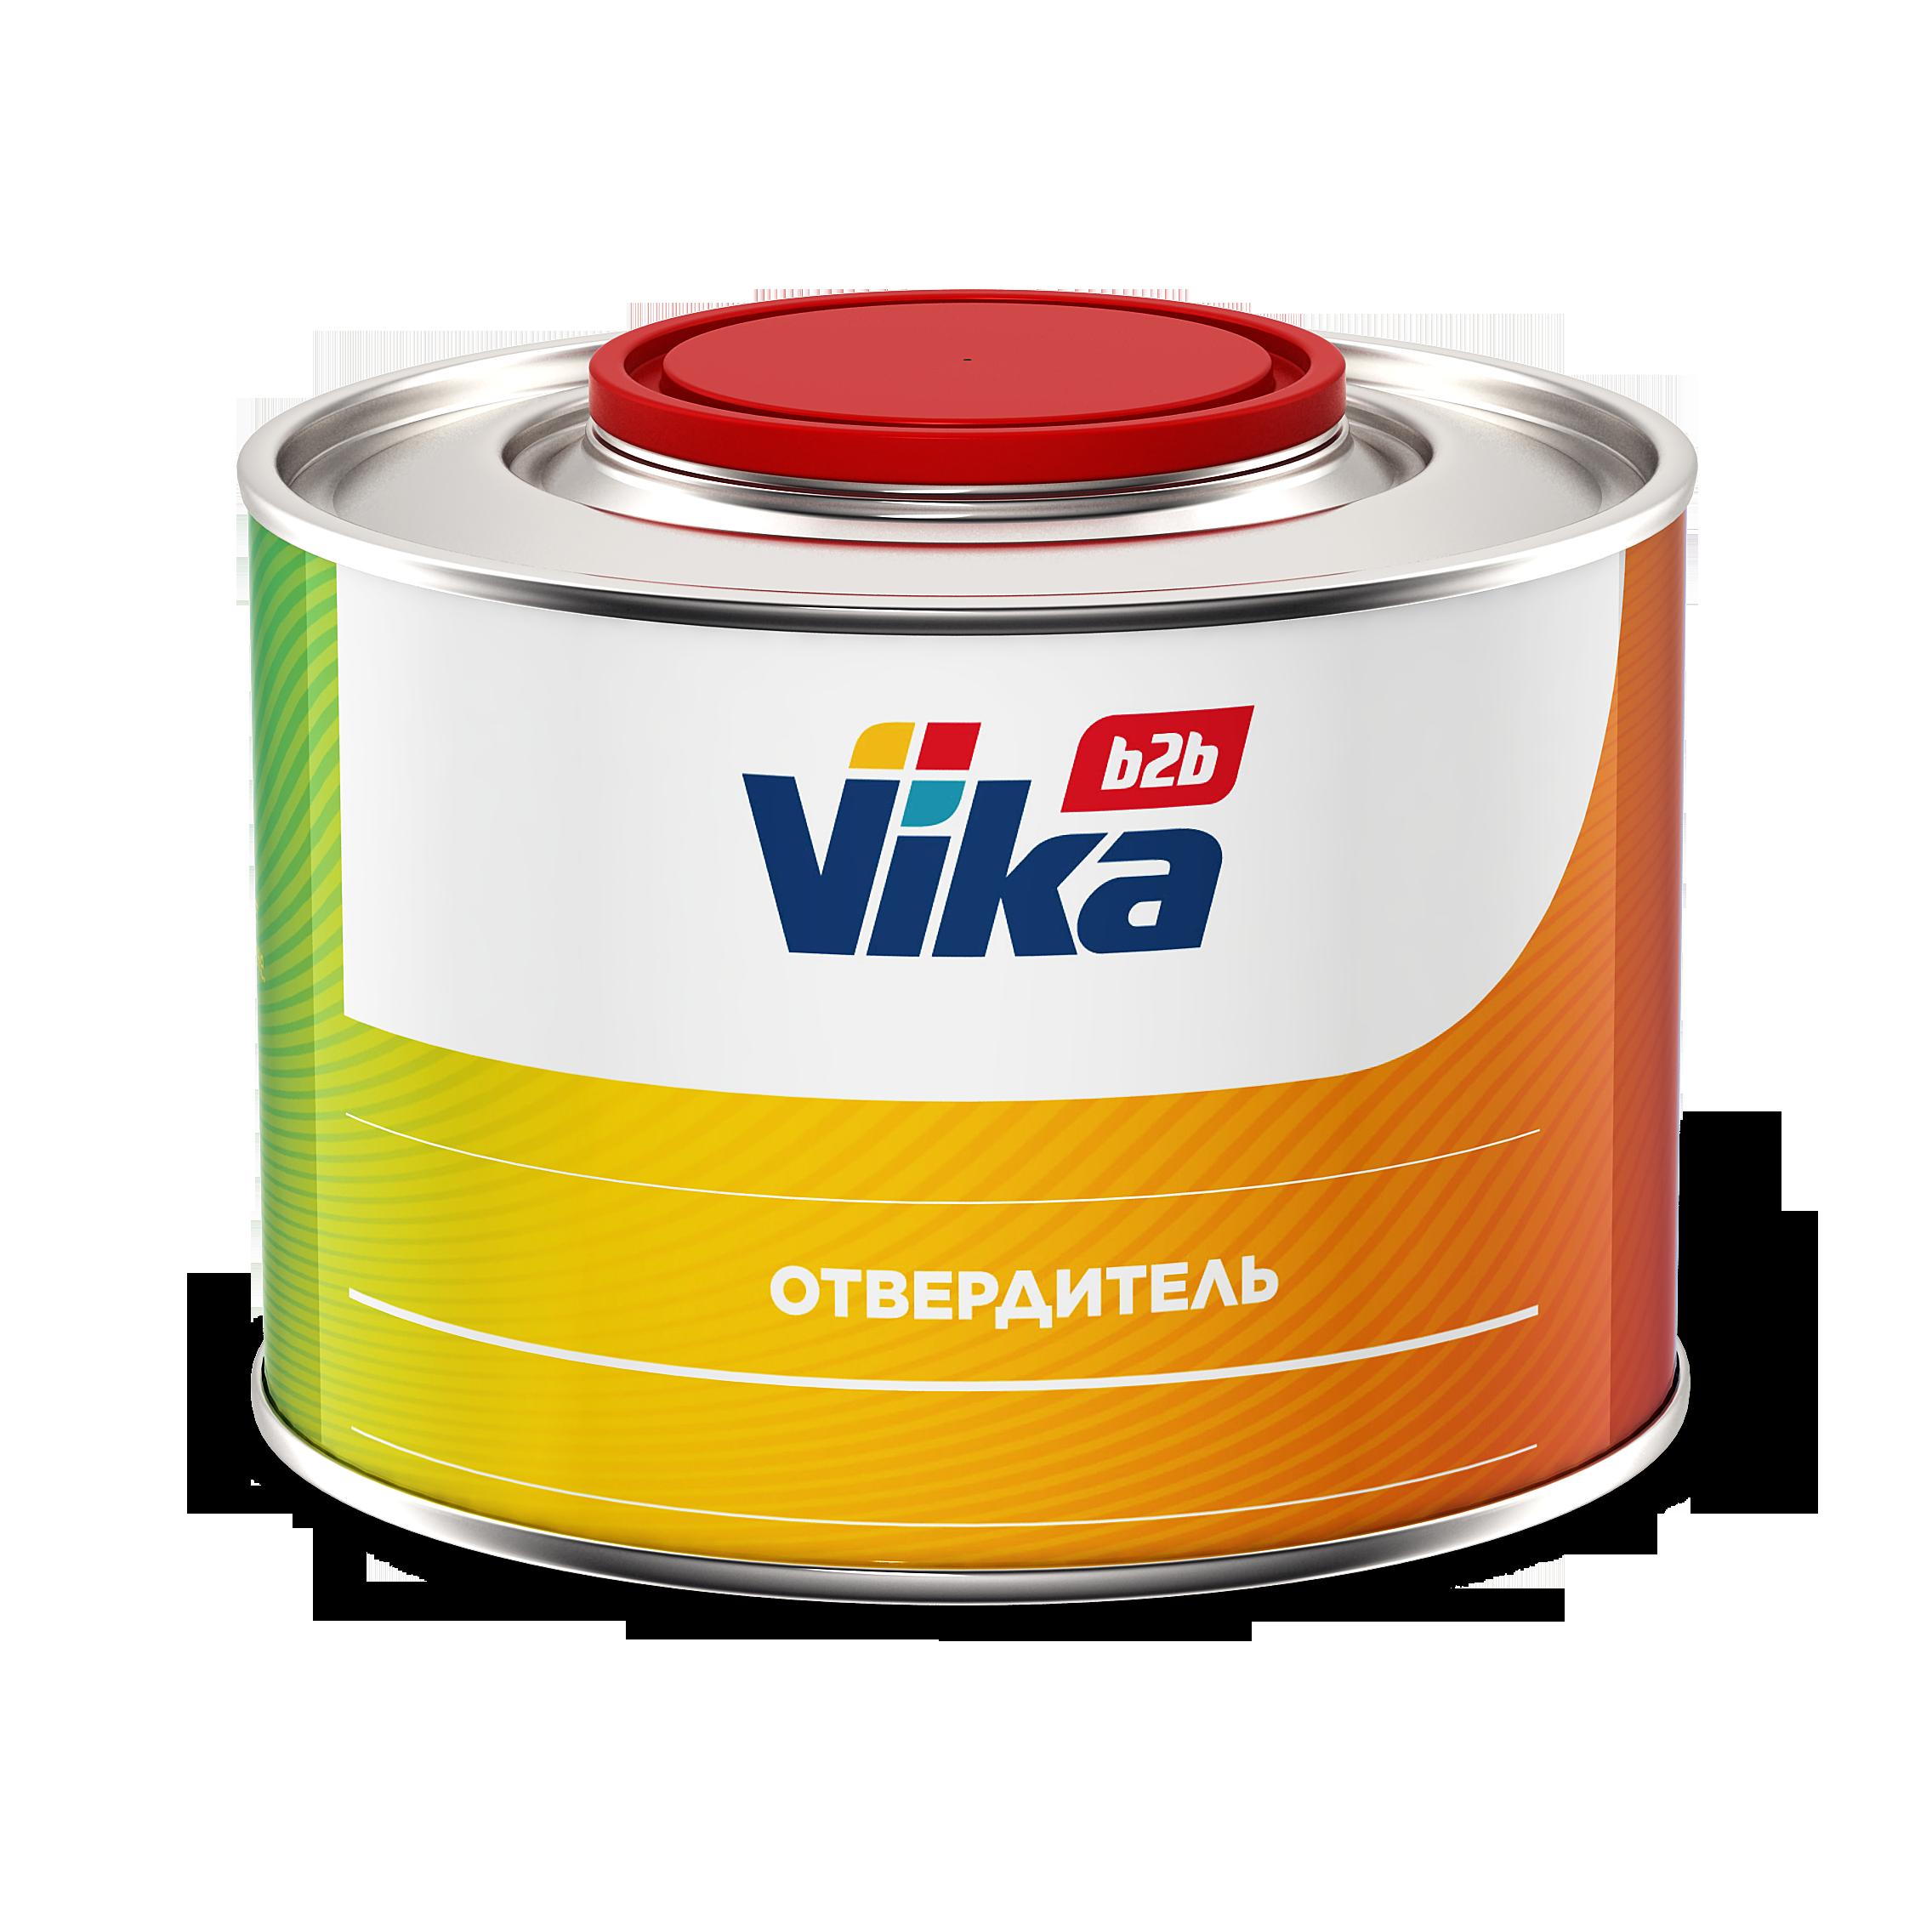 Отвердитель VIKA В2В акриловый